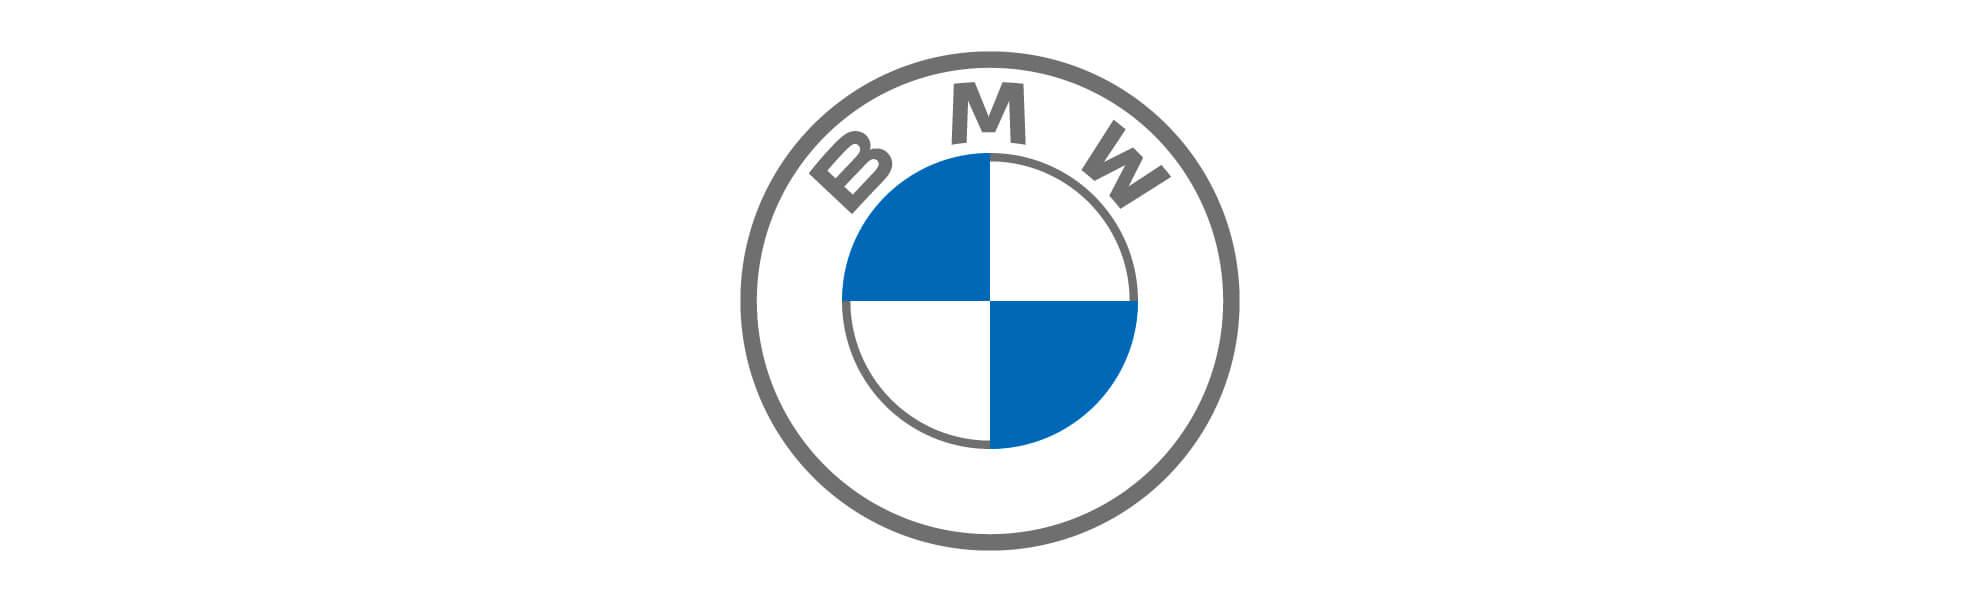 faktyczny wygląd logo bmw